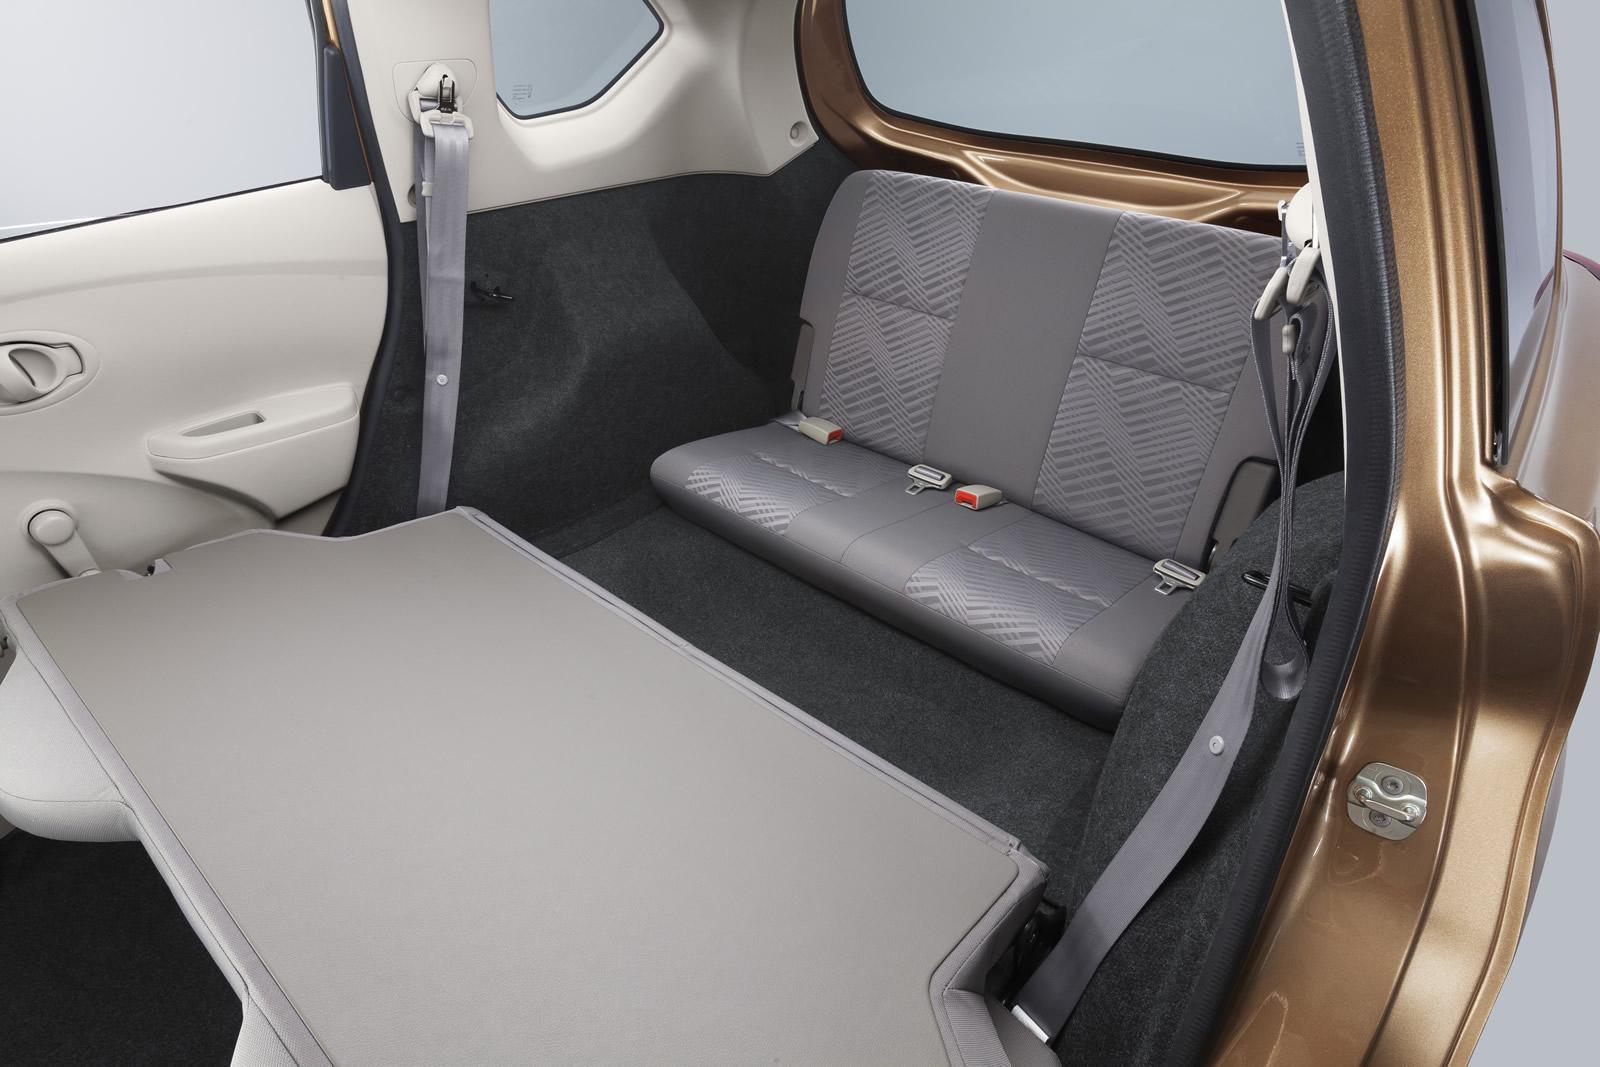 Datsun GO 7seater MPV Datsuns second model in India